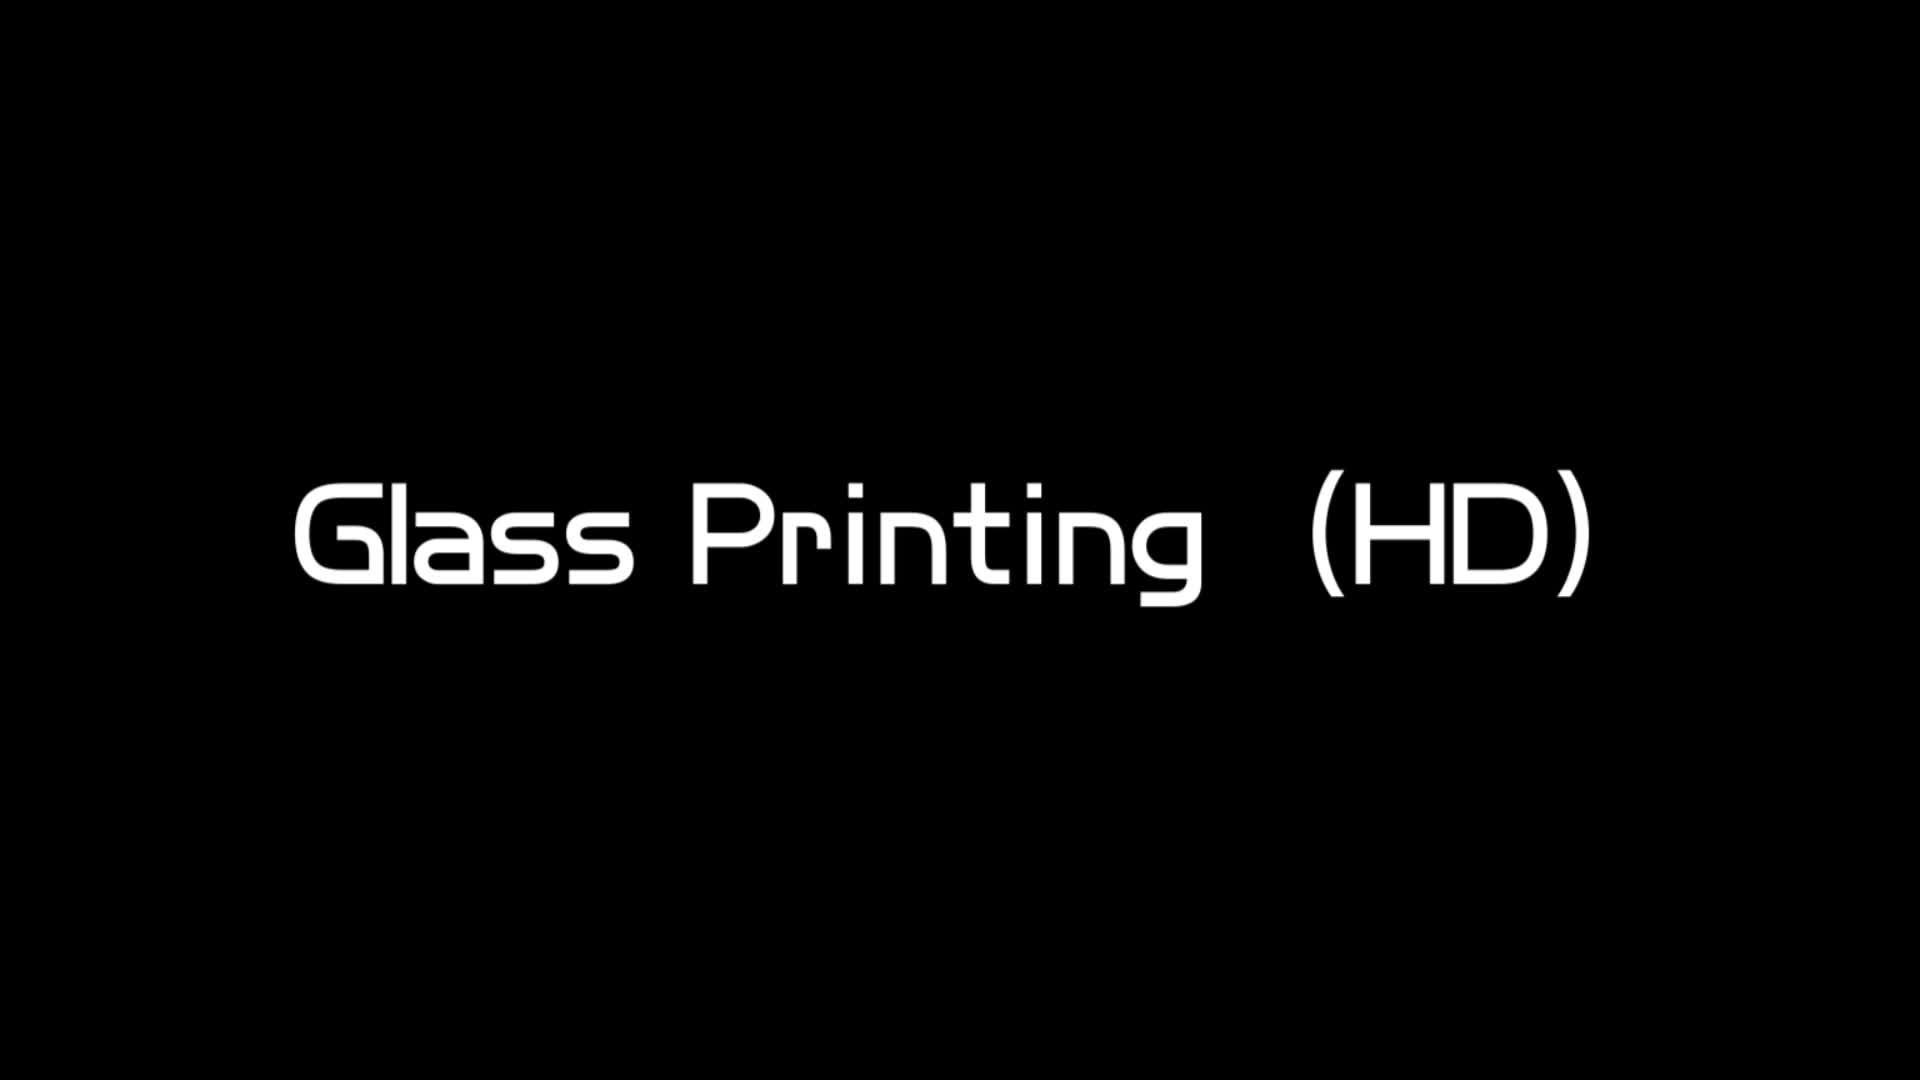 छोटे प्रारूप 6090 3D ग्लास मुद्रण मशीन वार्निश मुद्रण डिजिटल यूवी Flatbed प्रिंटर CMYKW तेज गति के साथ क्रिसमस उपहार